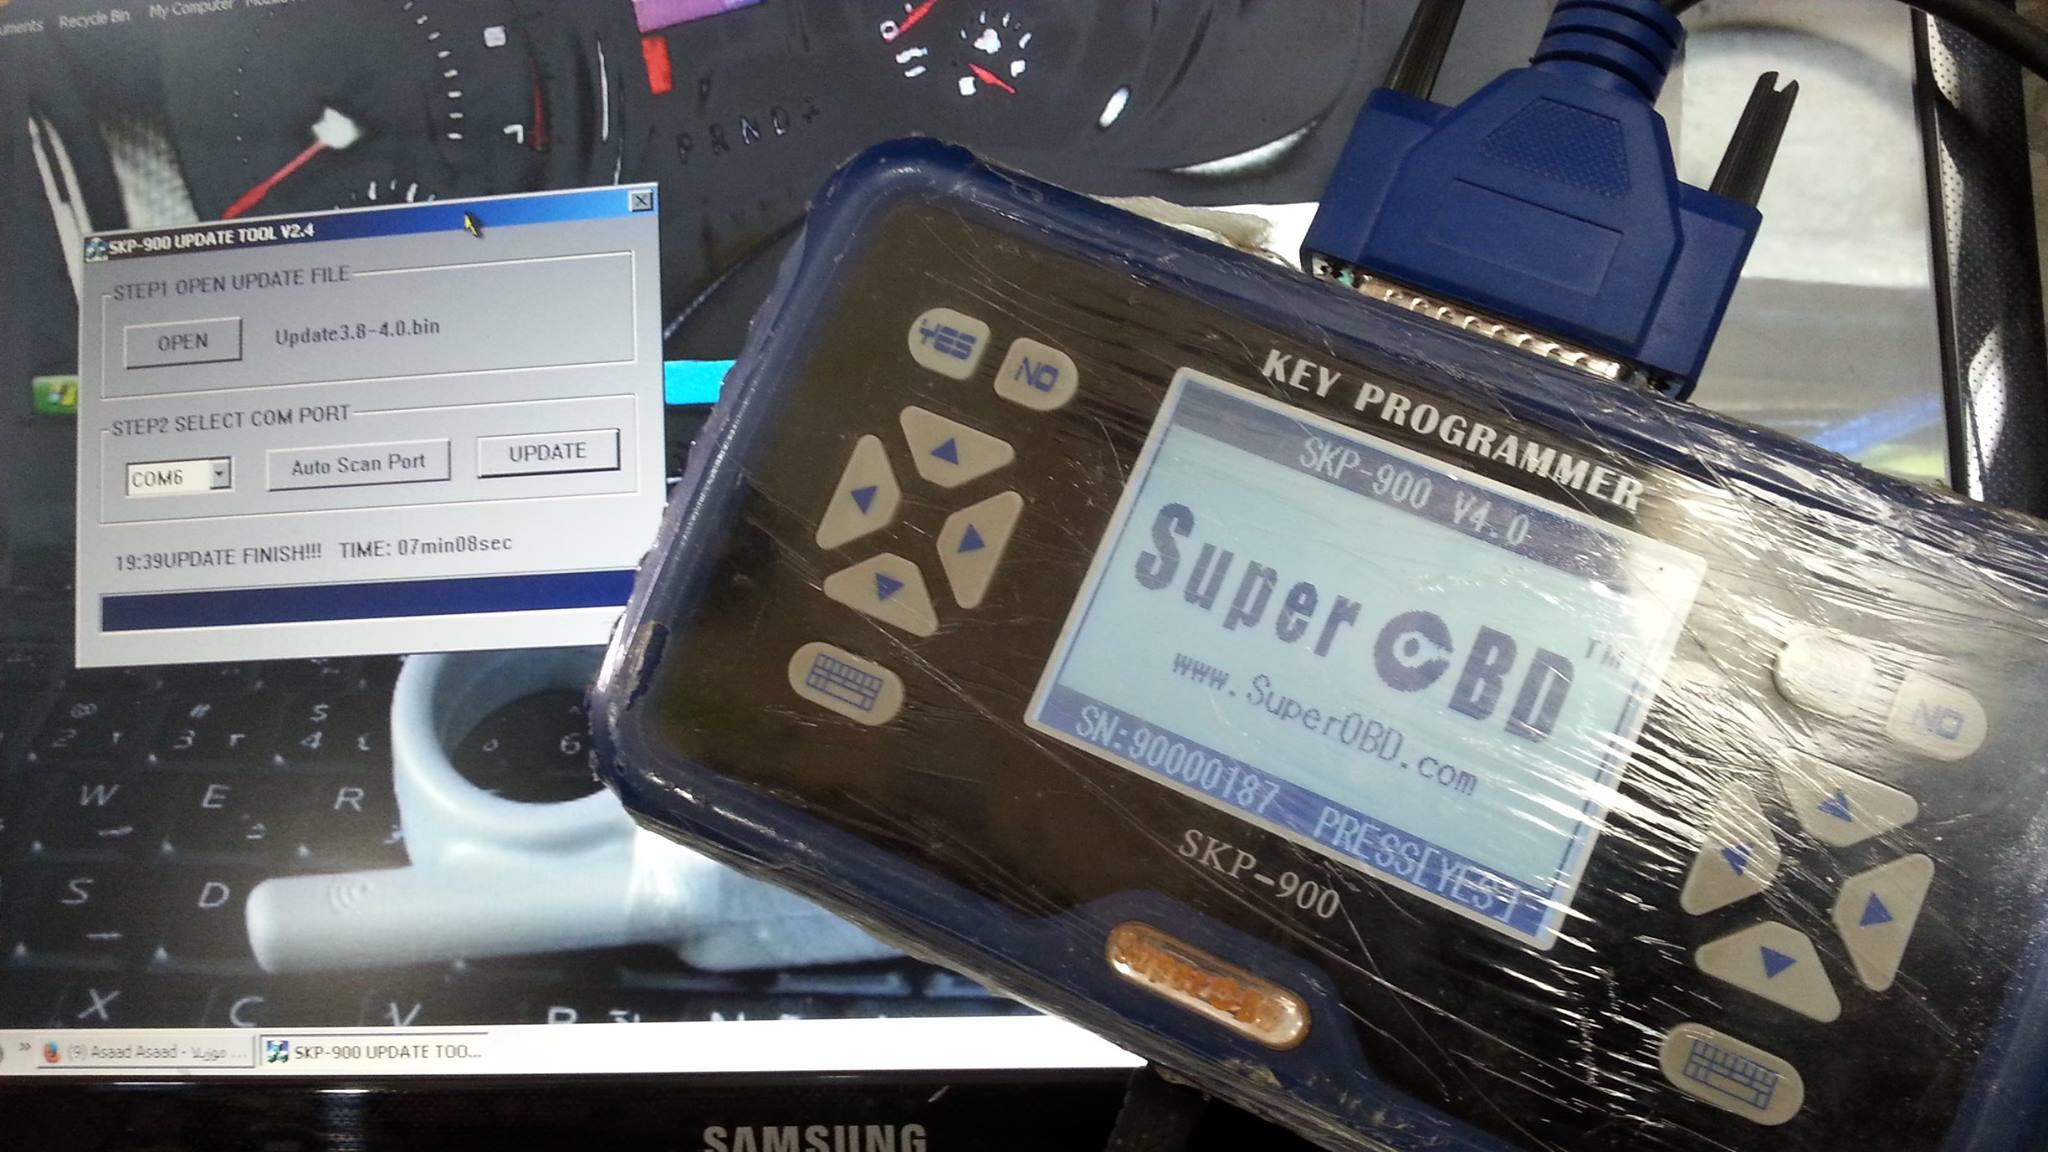 SKP-900-V4.0 (4)